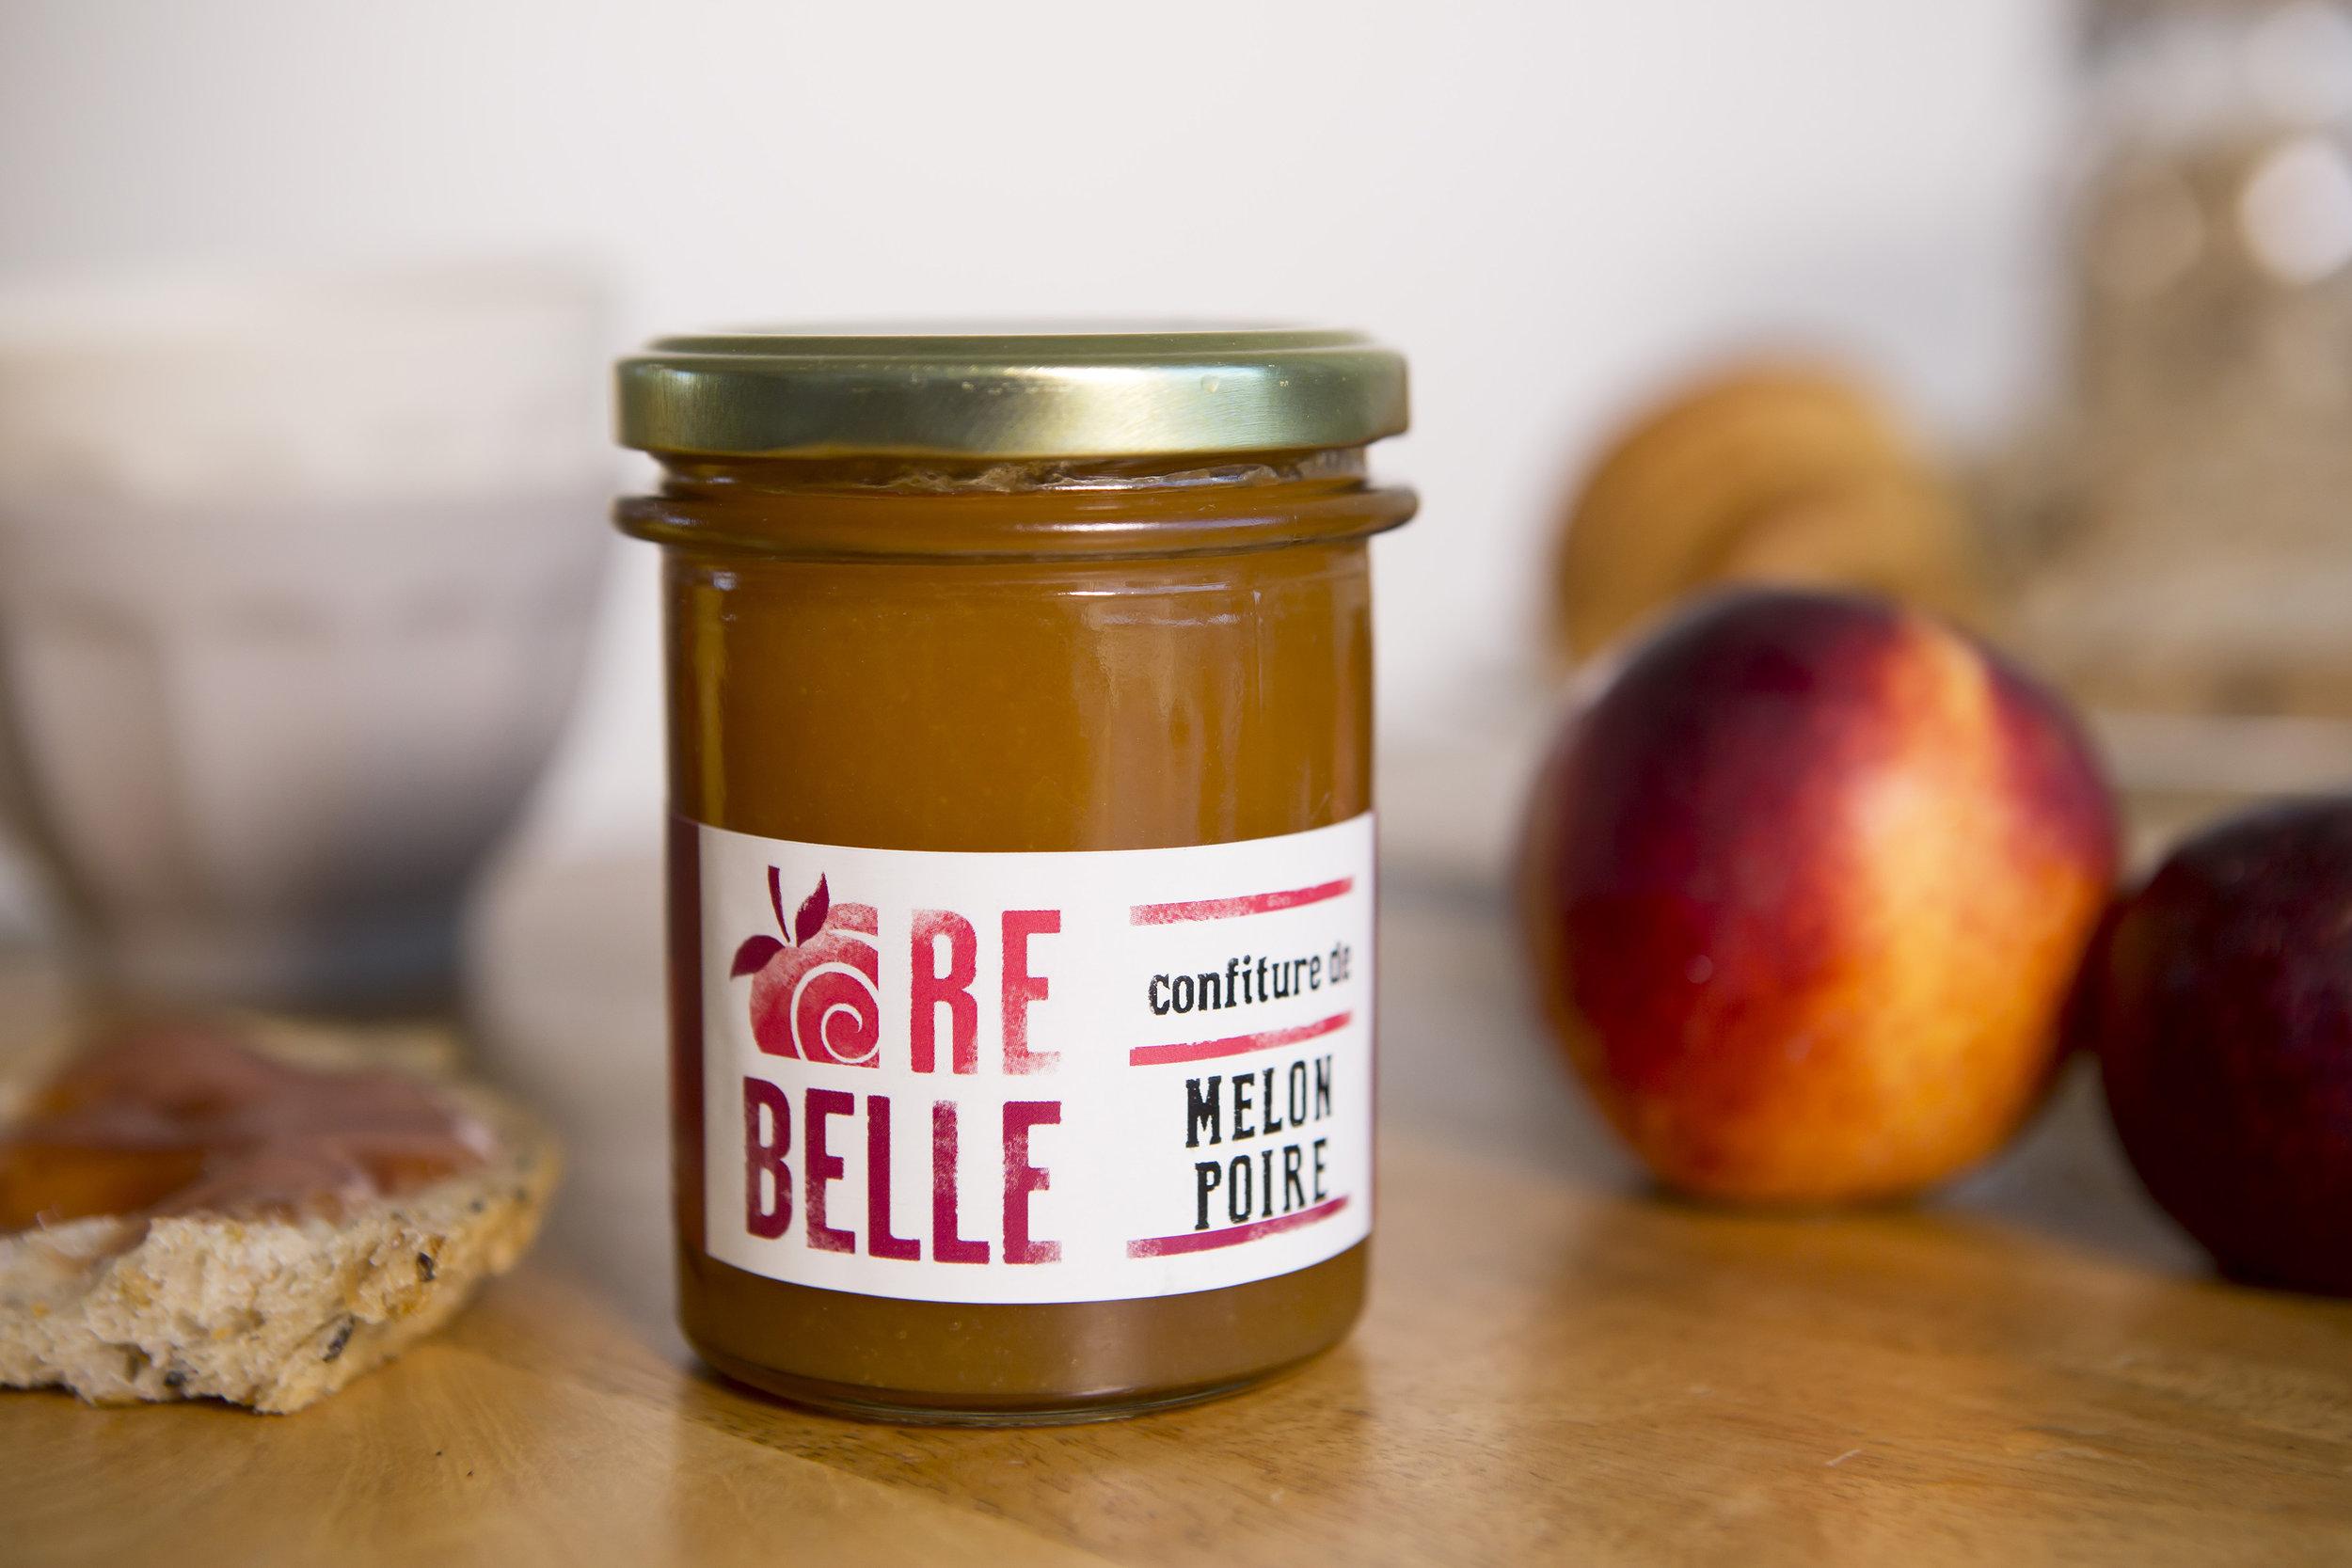 Re-Belle - Chez Re-Belle, nous récupérons les fruits écartés des circuits de distribution pour en faire des confitures de qualité, riches en fruits sauvés !Nous proposons des recettes gourmandes, originales, impertinentes, bref des associations définitivement Re-Belle !Voir le site